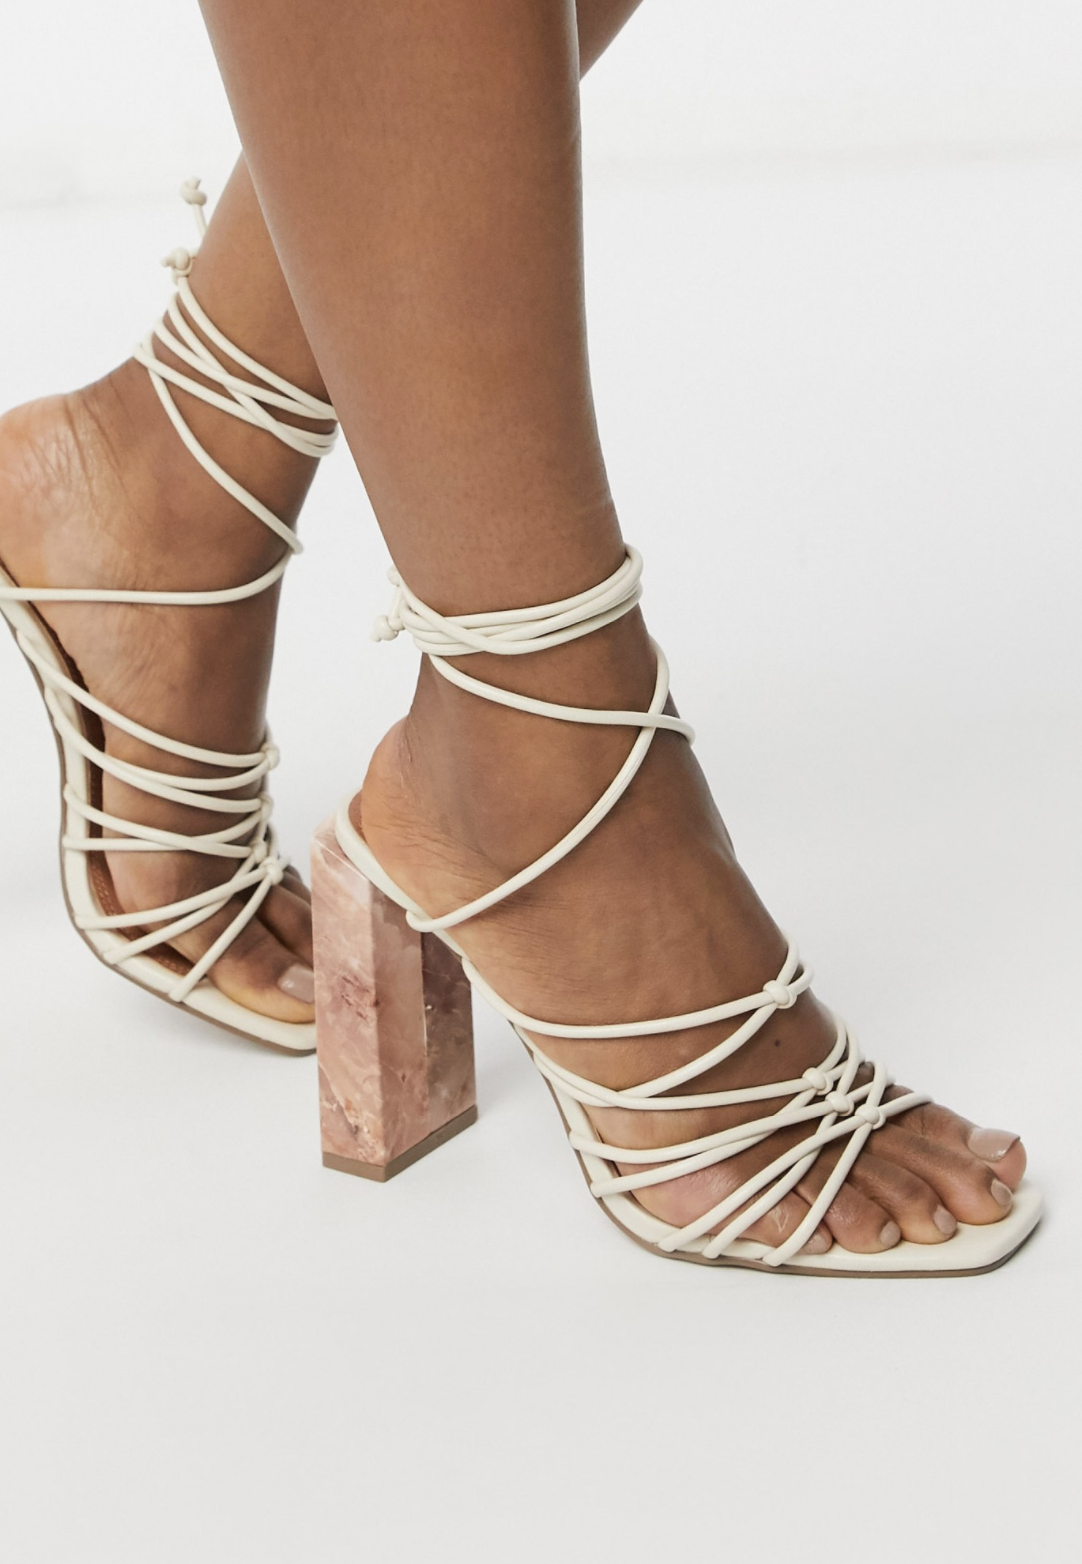 Sandalias de tiras con tacón marmolado color hueso Nourish de ASOS DESIGN